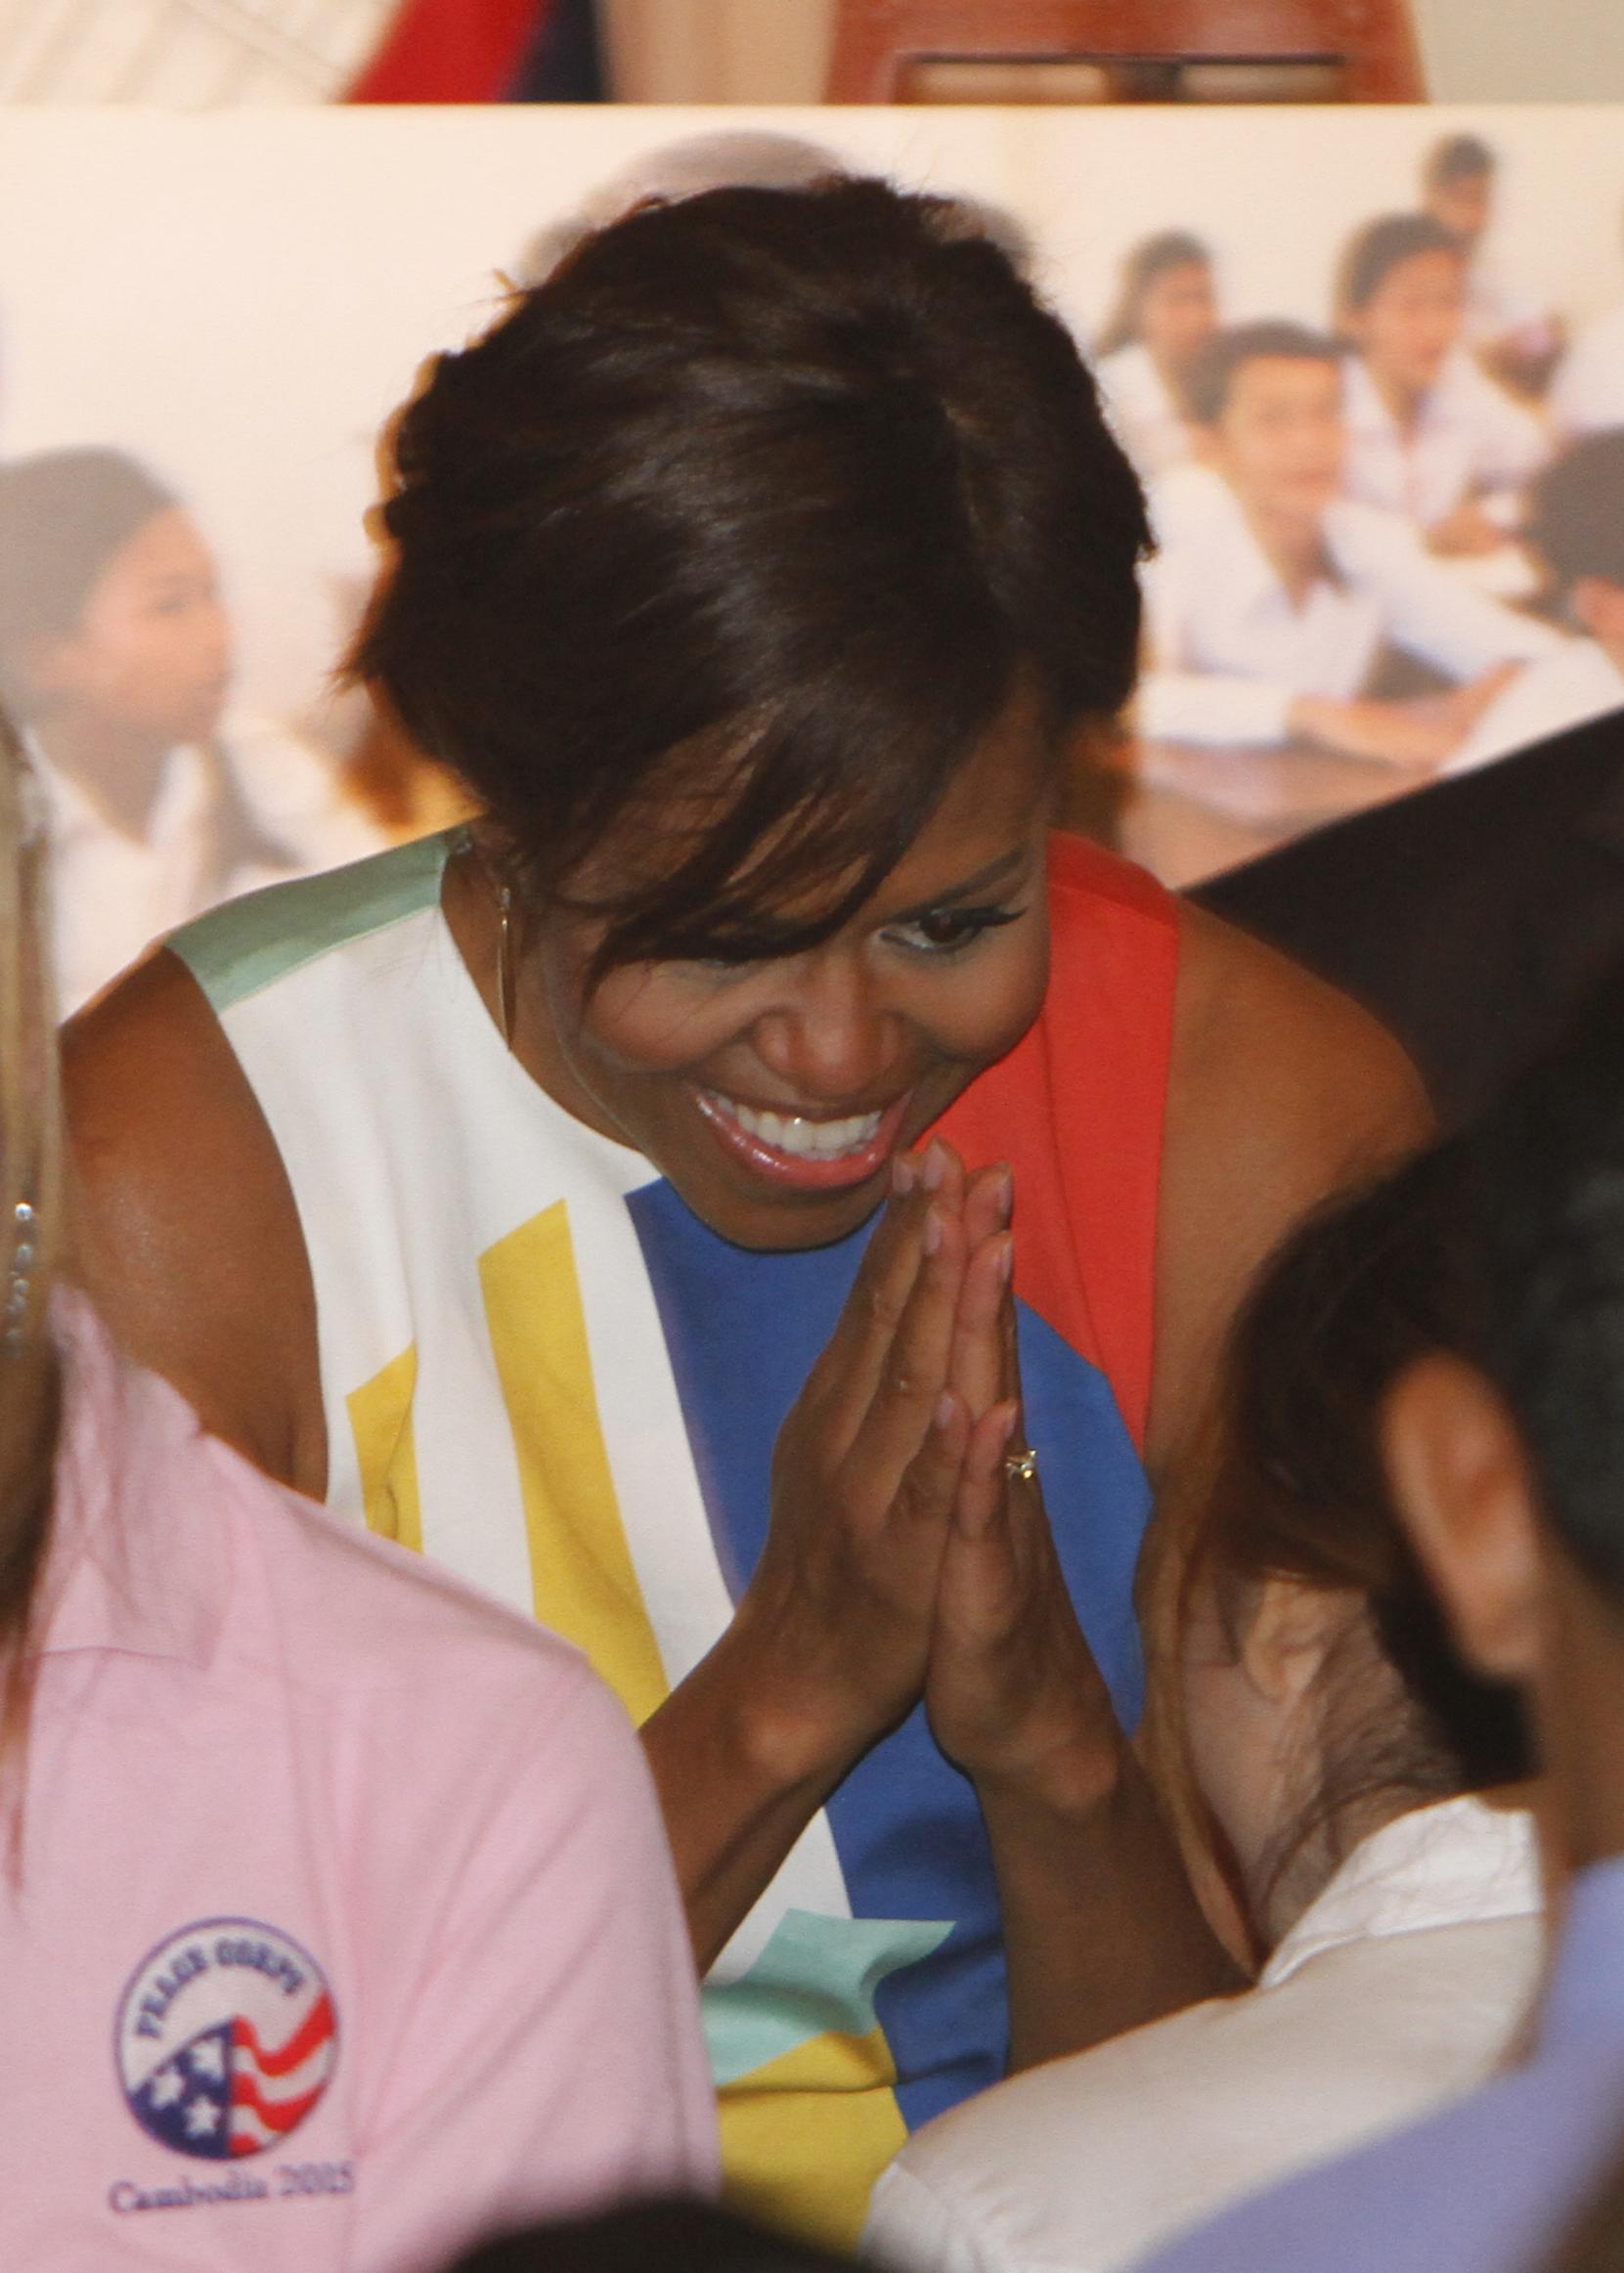 第一夫人问候柬埔寨的和平队志愿人员(© AP Images)